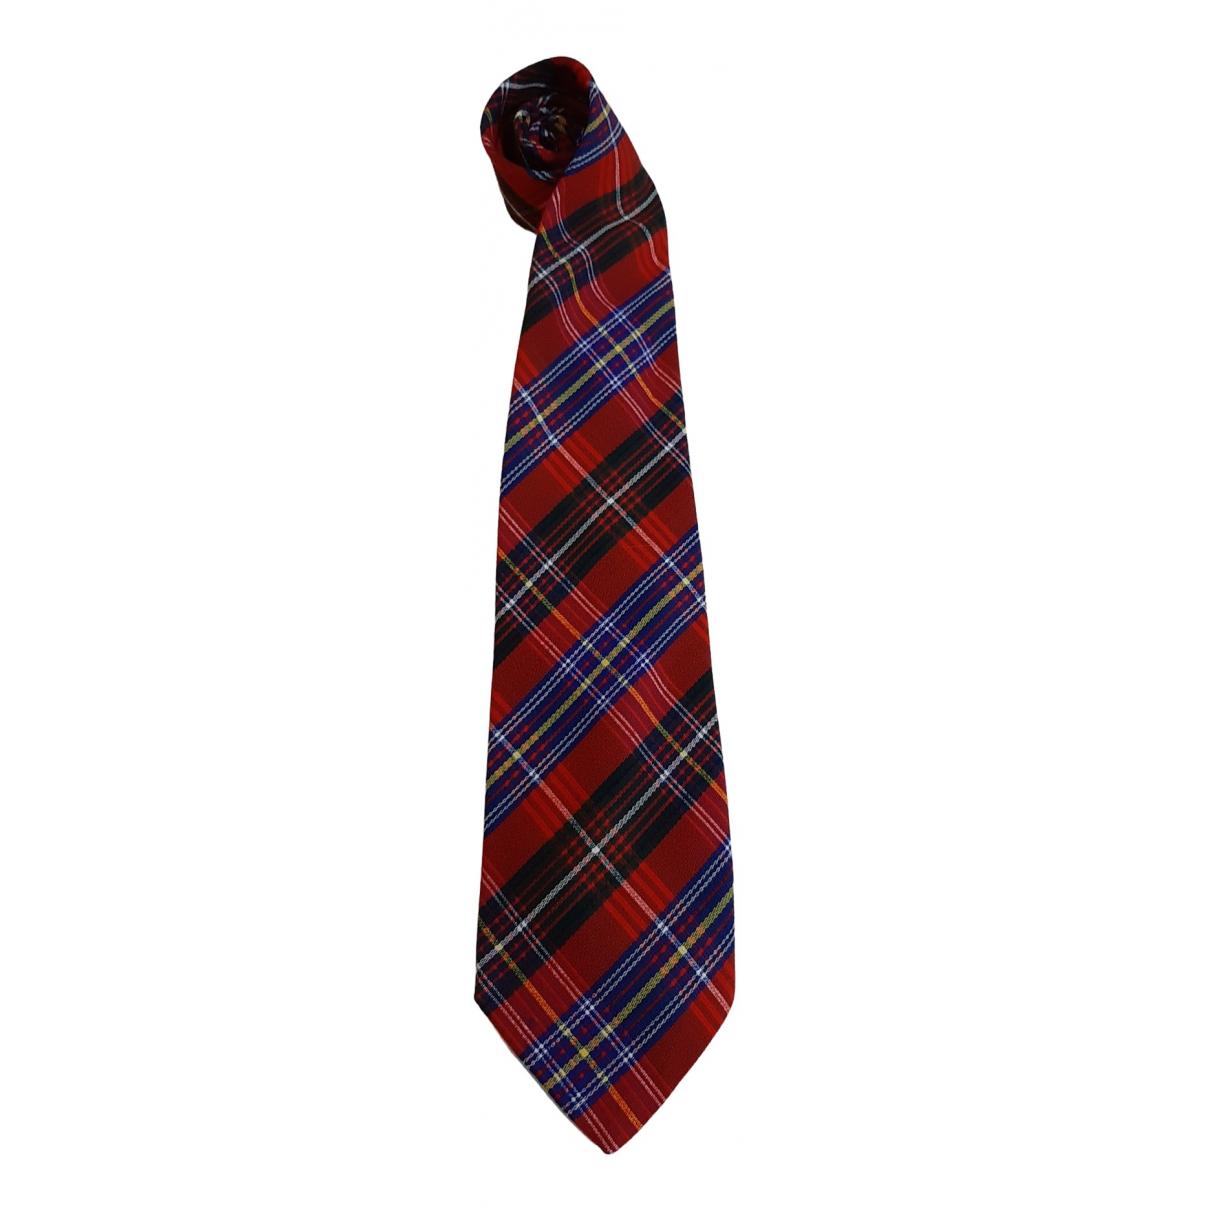 Charles Jourdan - Cravates   pour homme en soie - multicolore